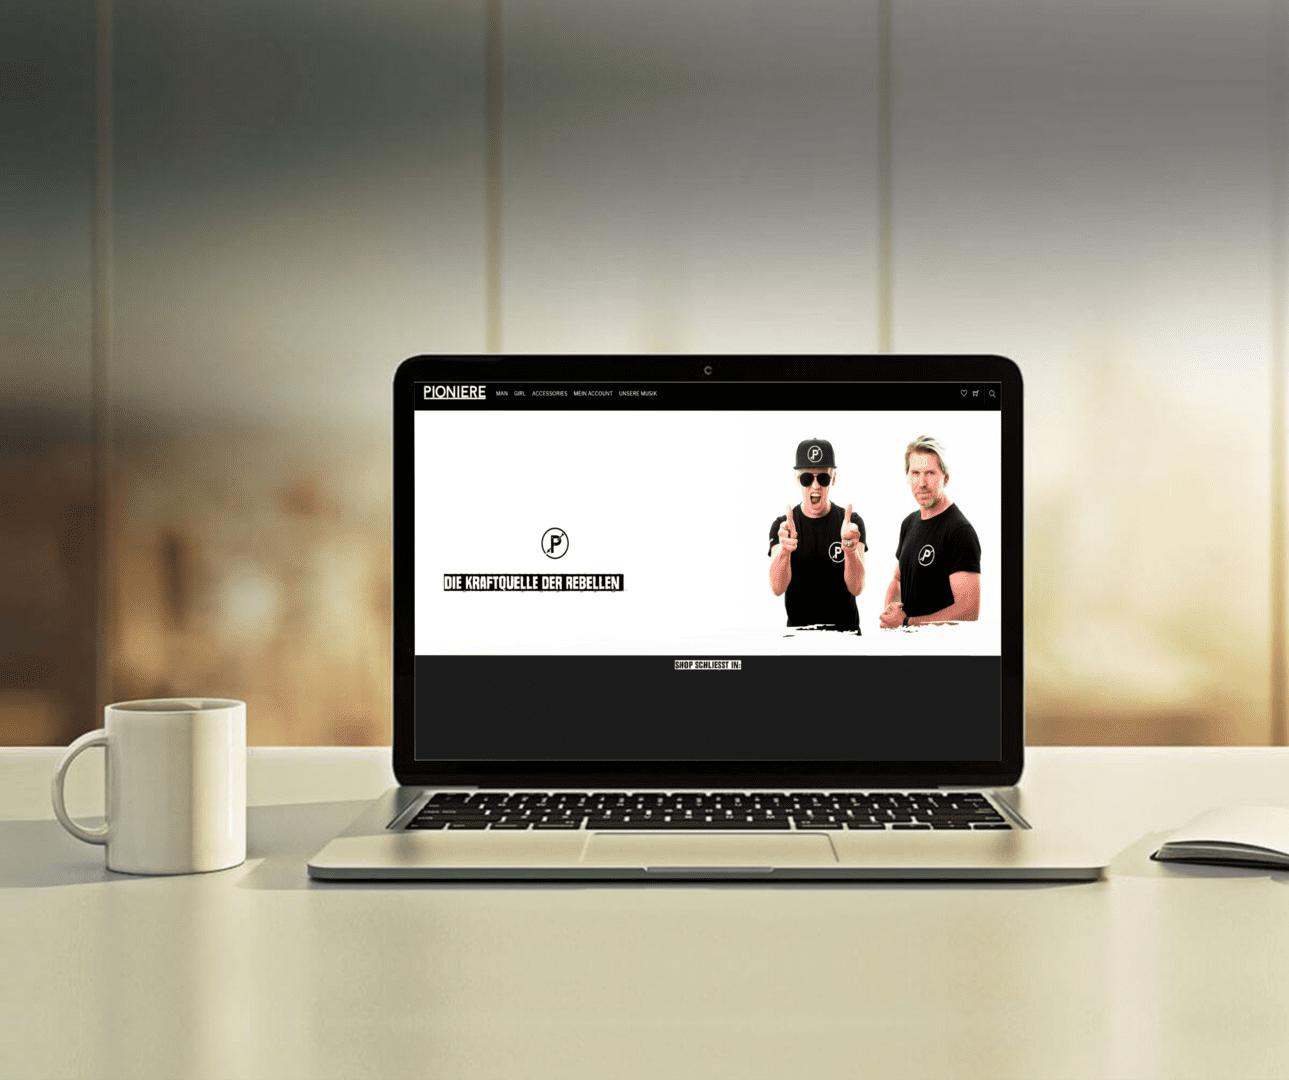 Pioniere Webshop Mockup